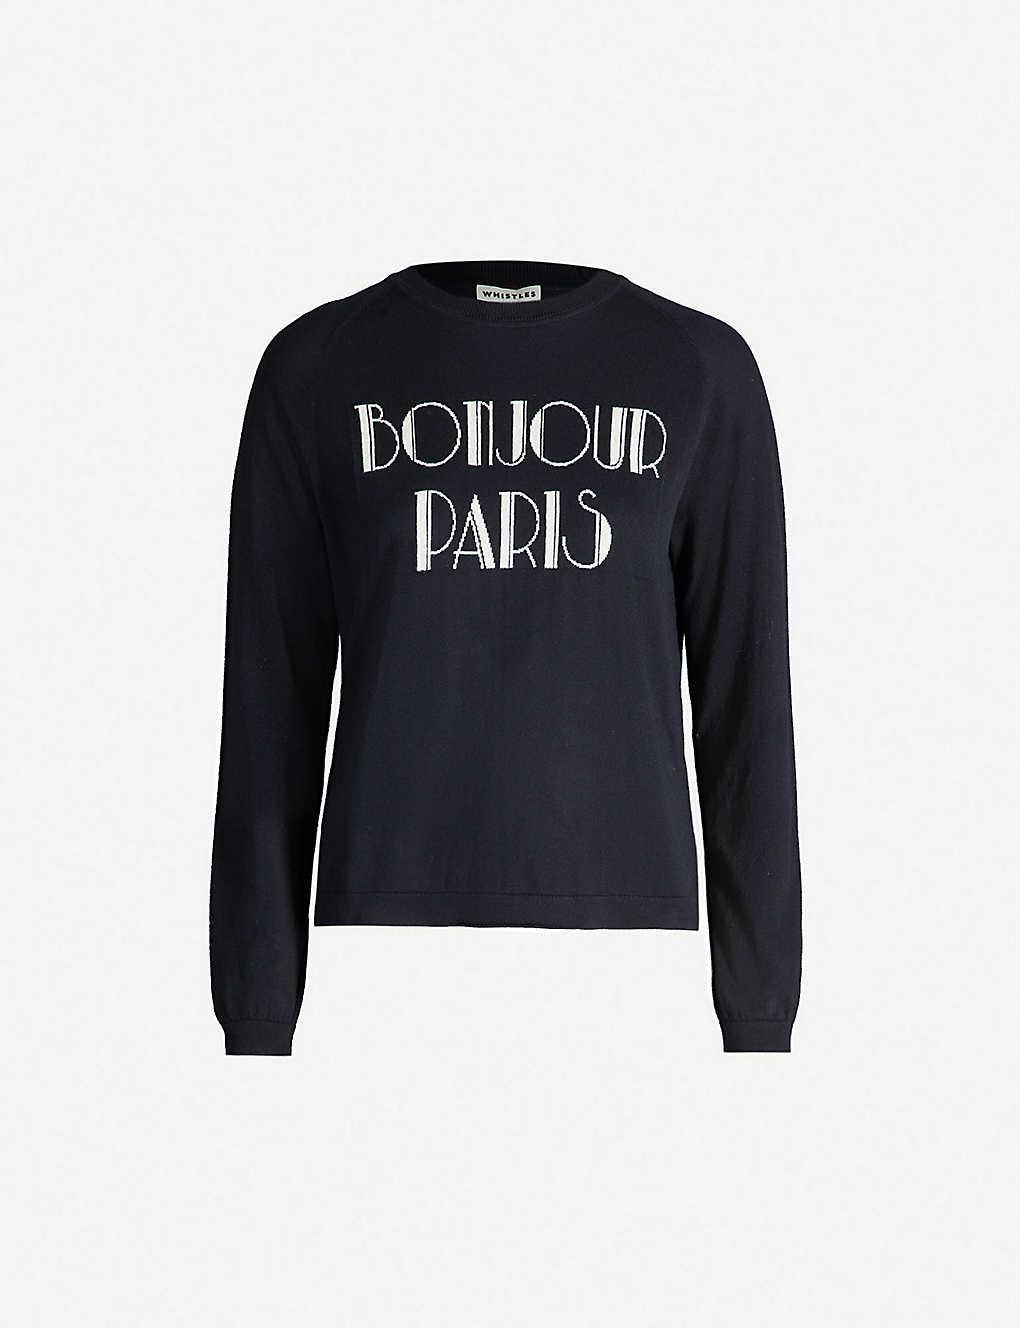 a5c5e1421b1dc WHISTLES - Bonjour Paris cotton knit jumper   Selfridges.com